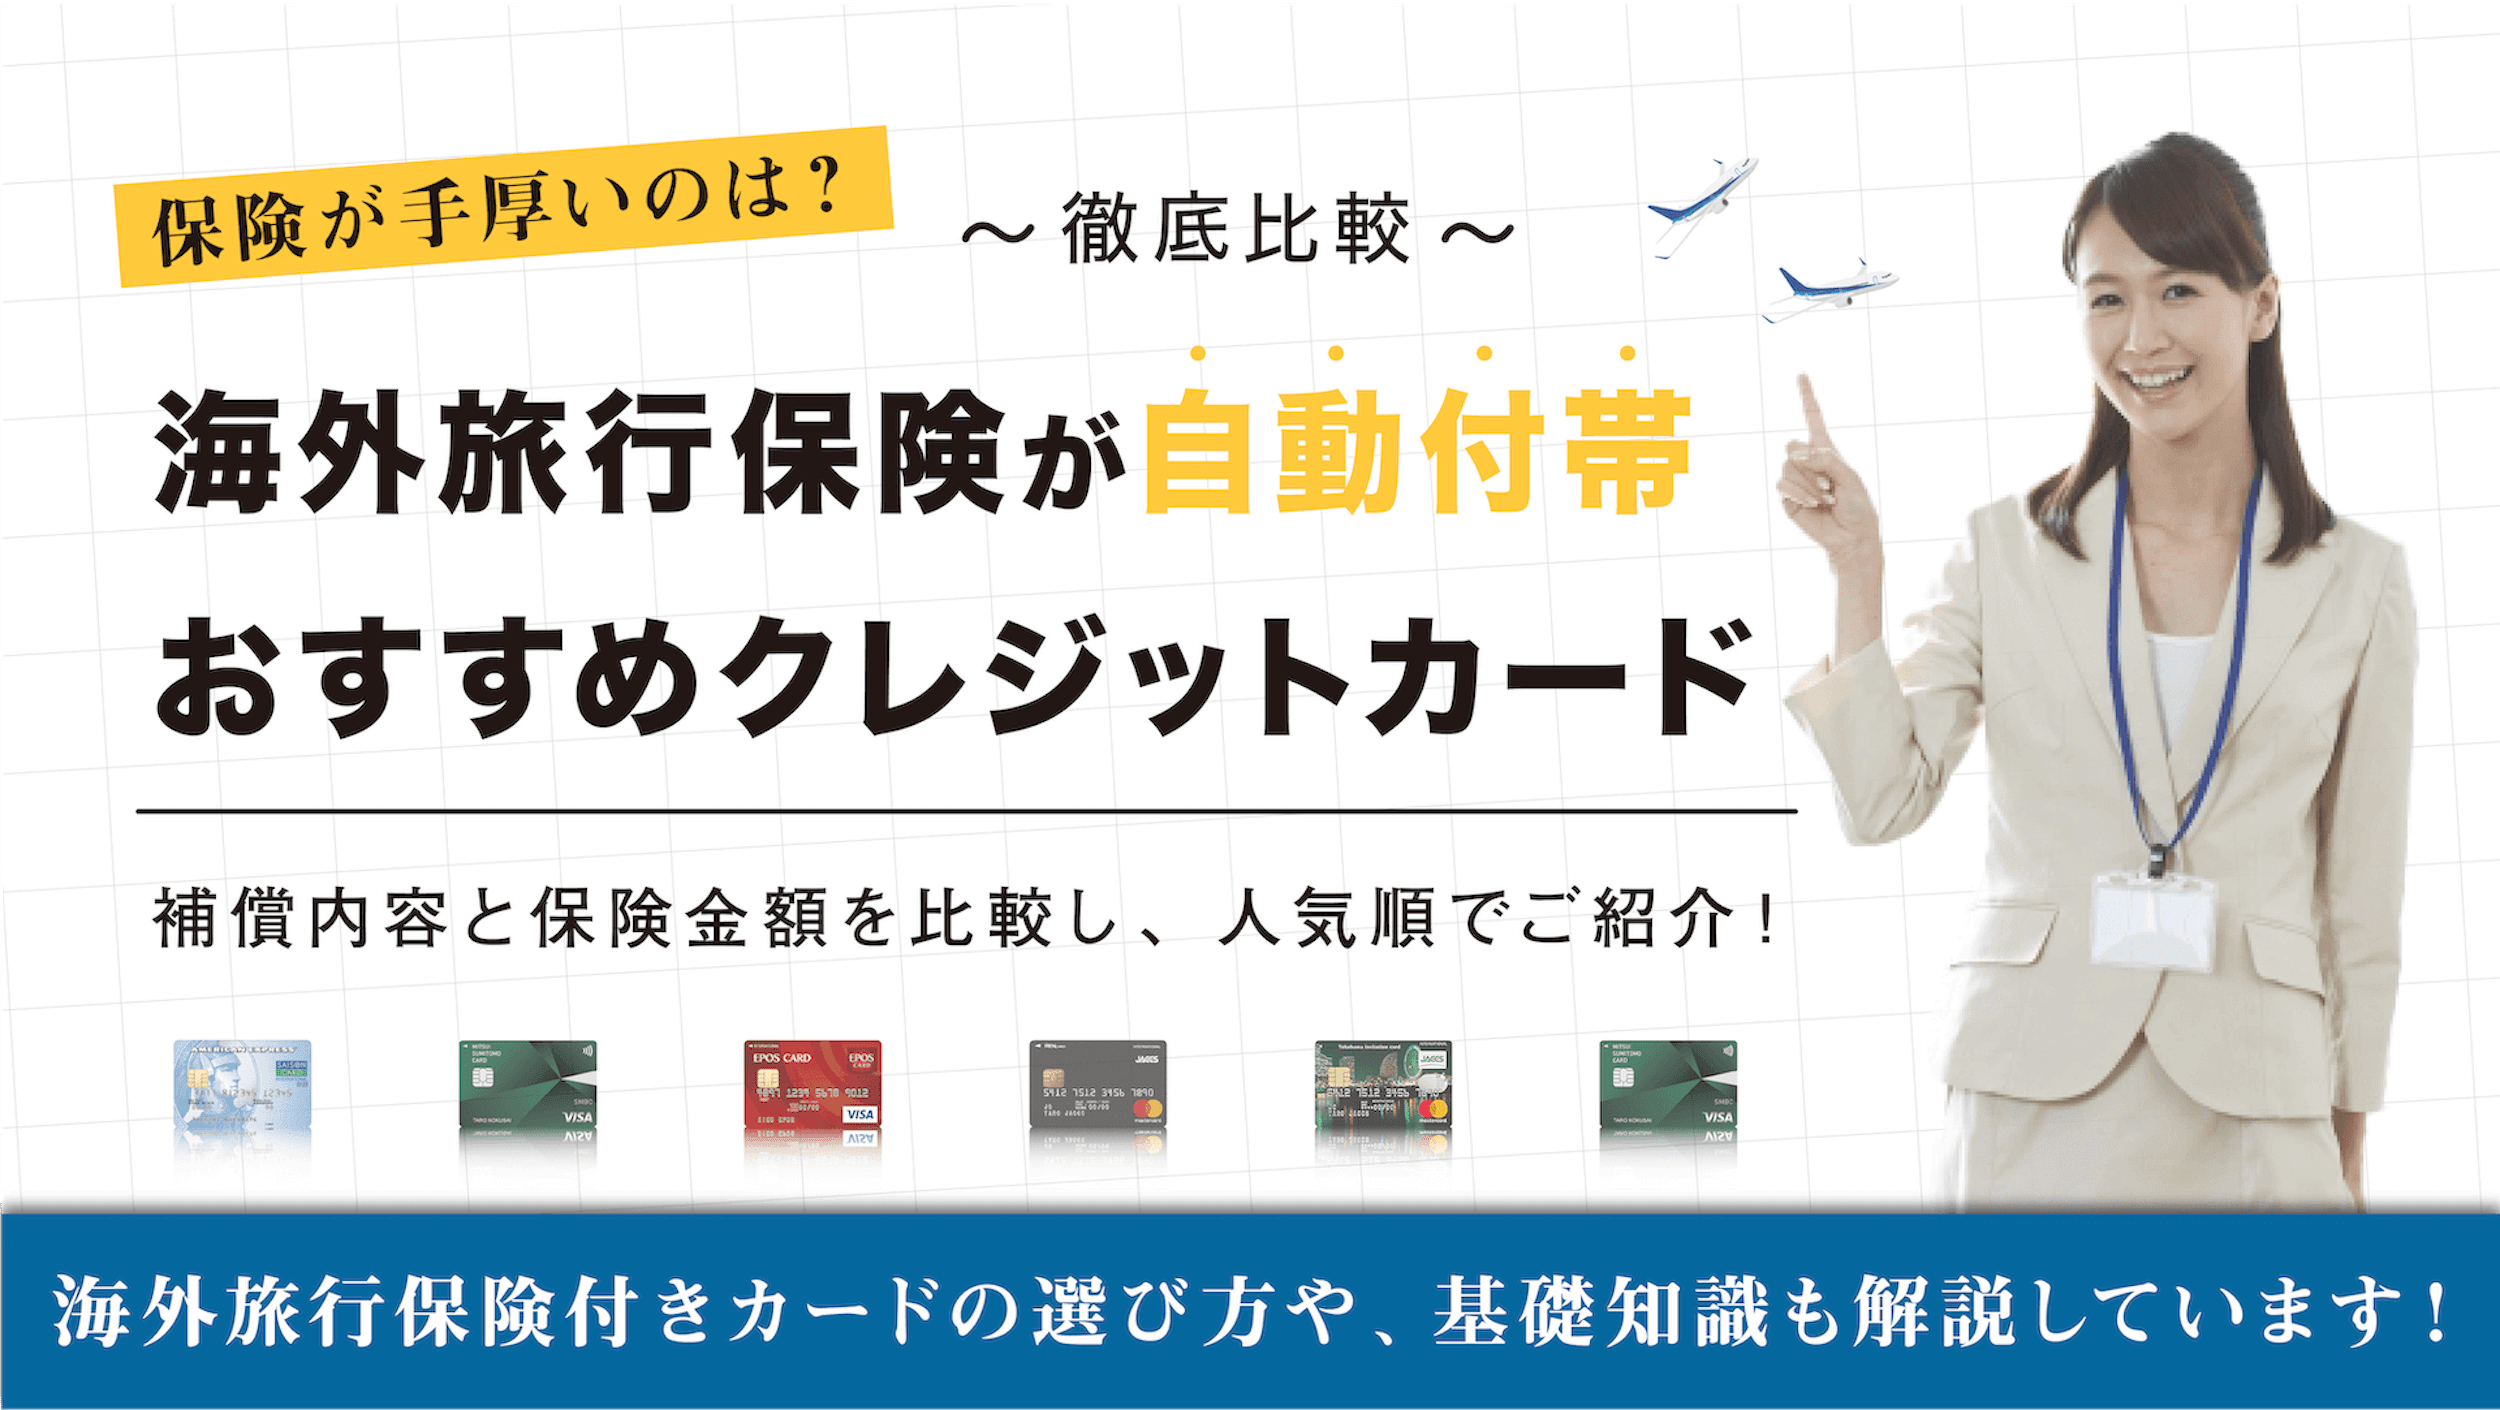 海外旅行保険が自動付帯 おすすめクレジットカード